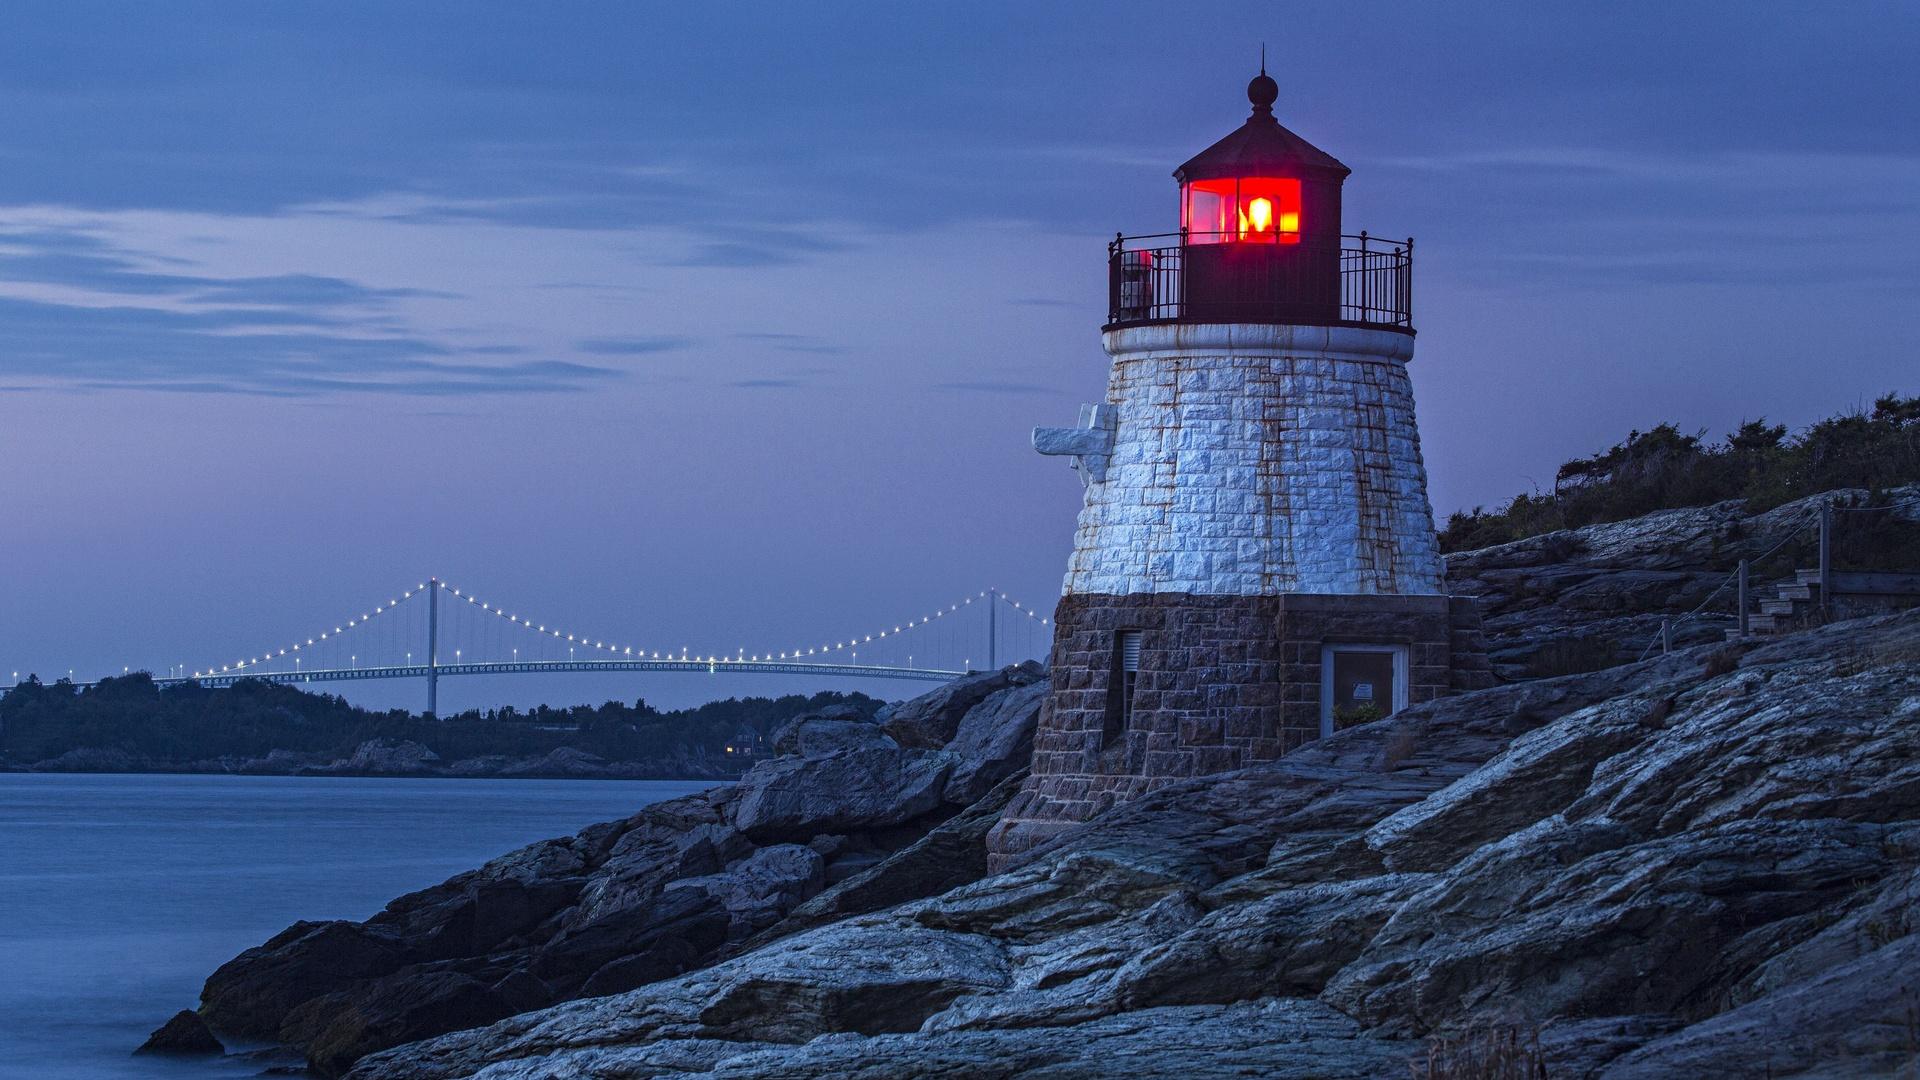 картинки ночного маяка чём